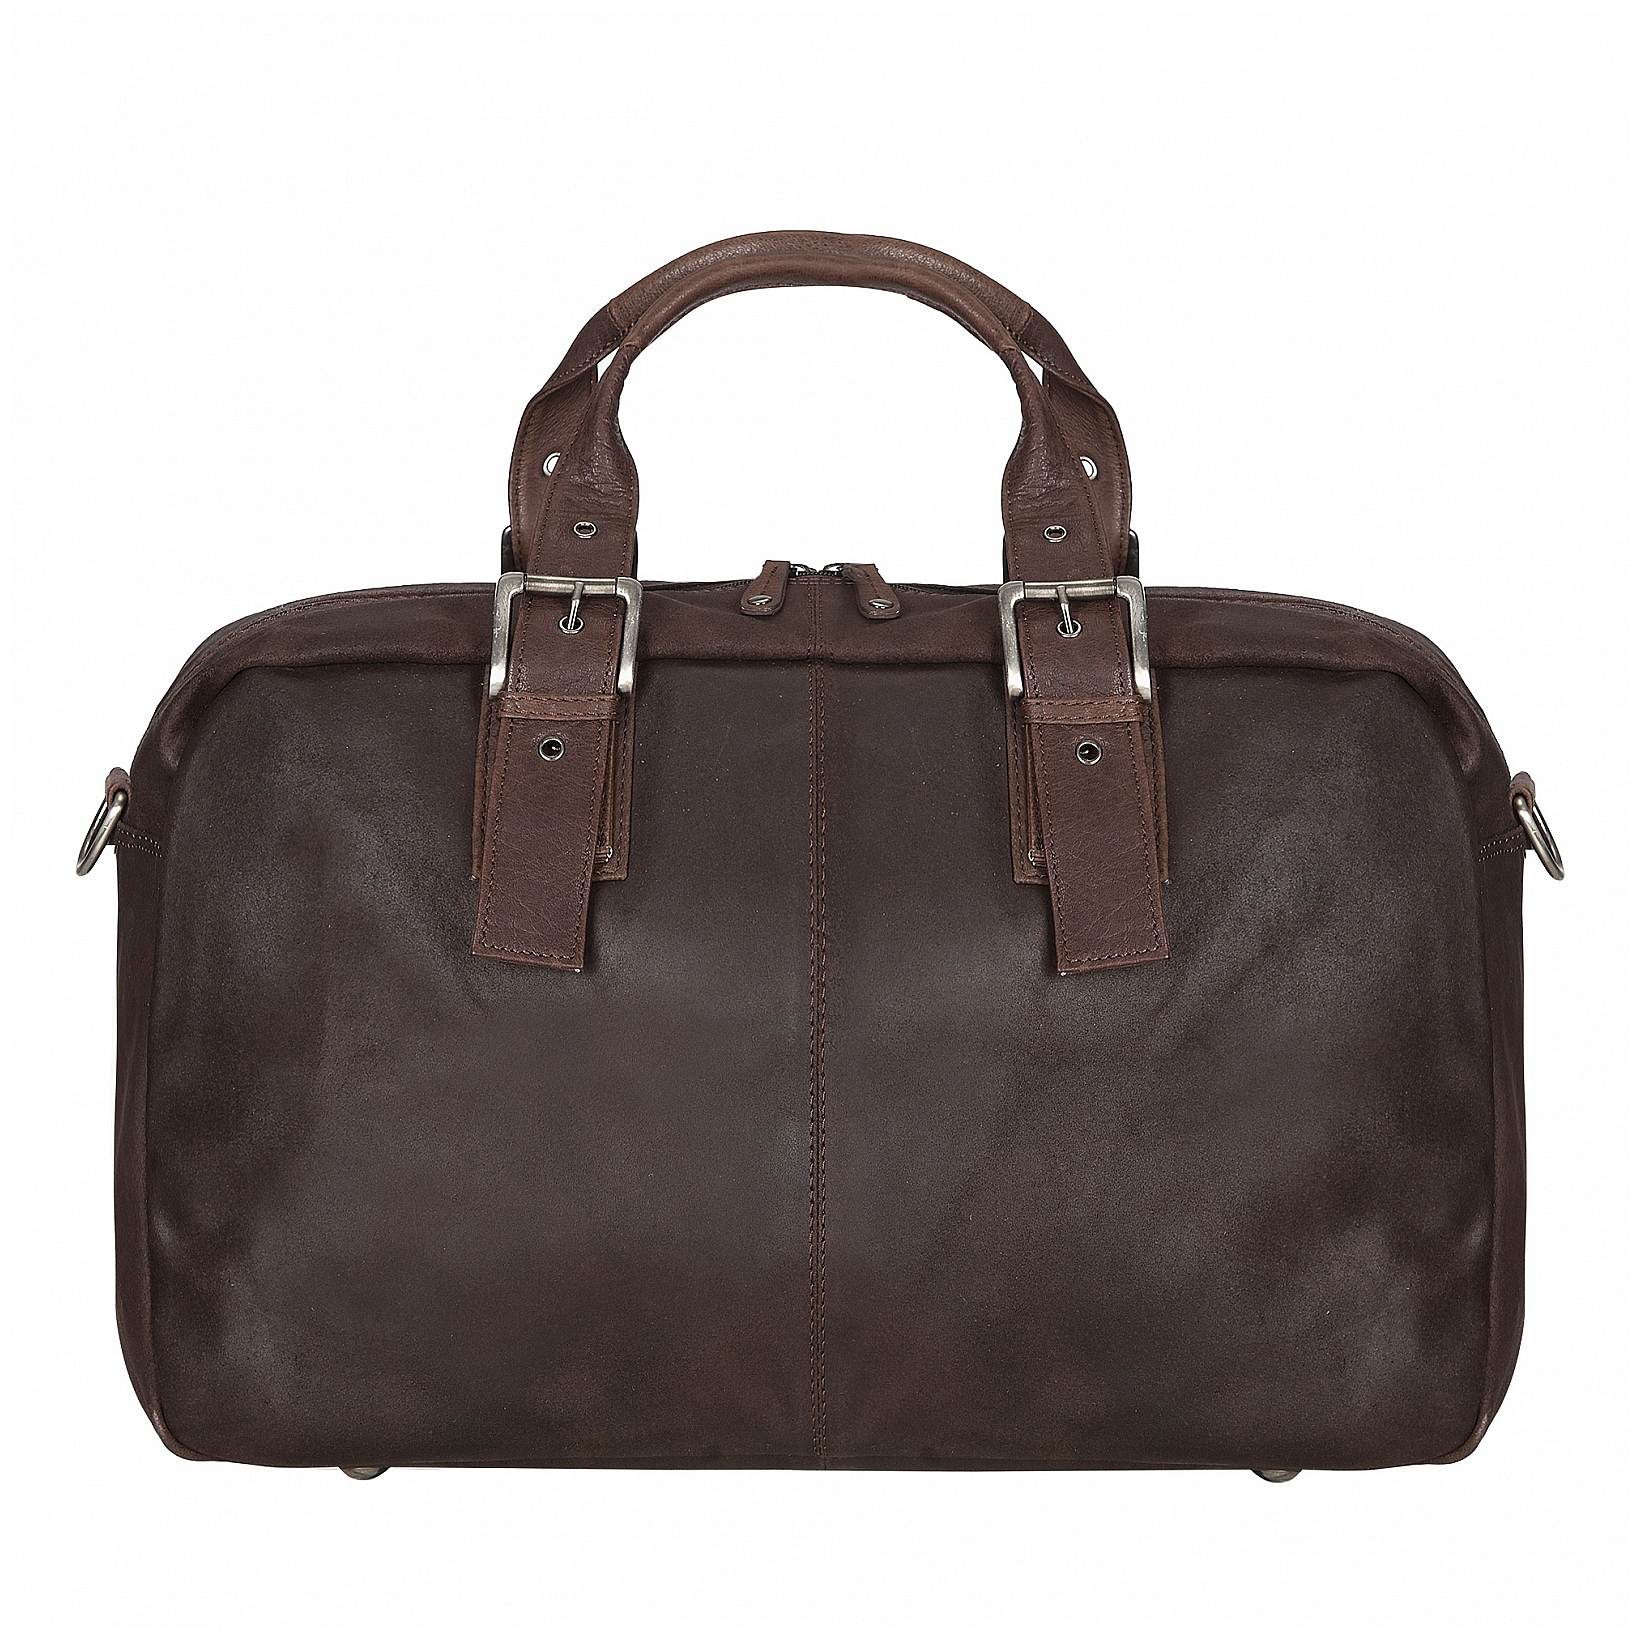 ESTELLE Cestovní taška z buvolí kůže 1299-04 tmavě hnědá